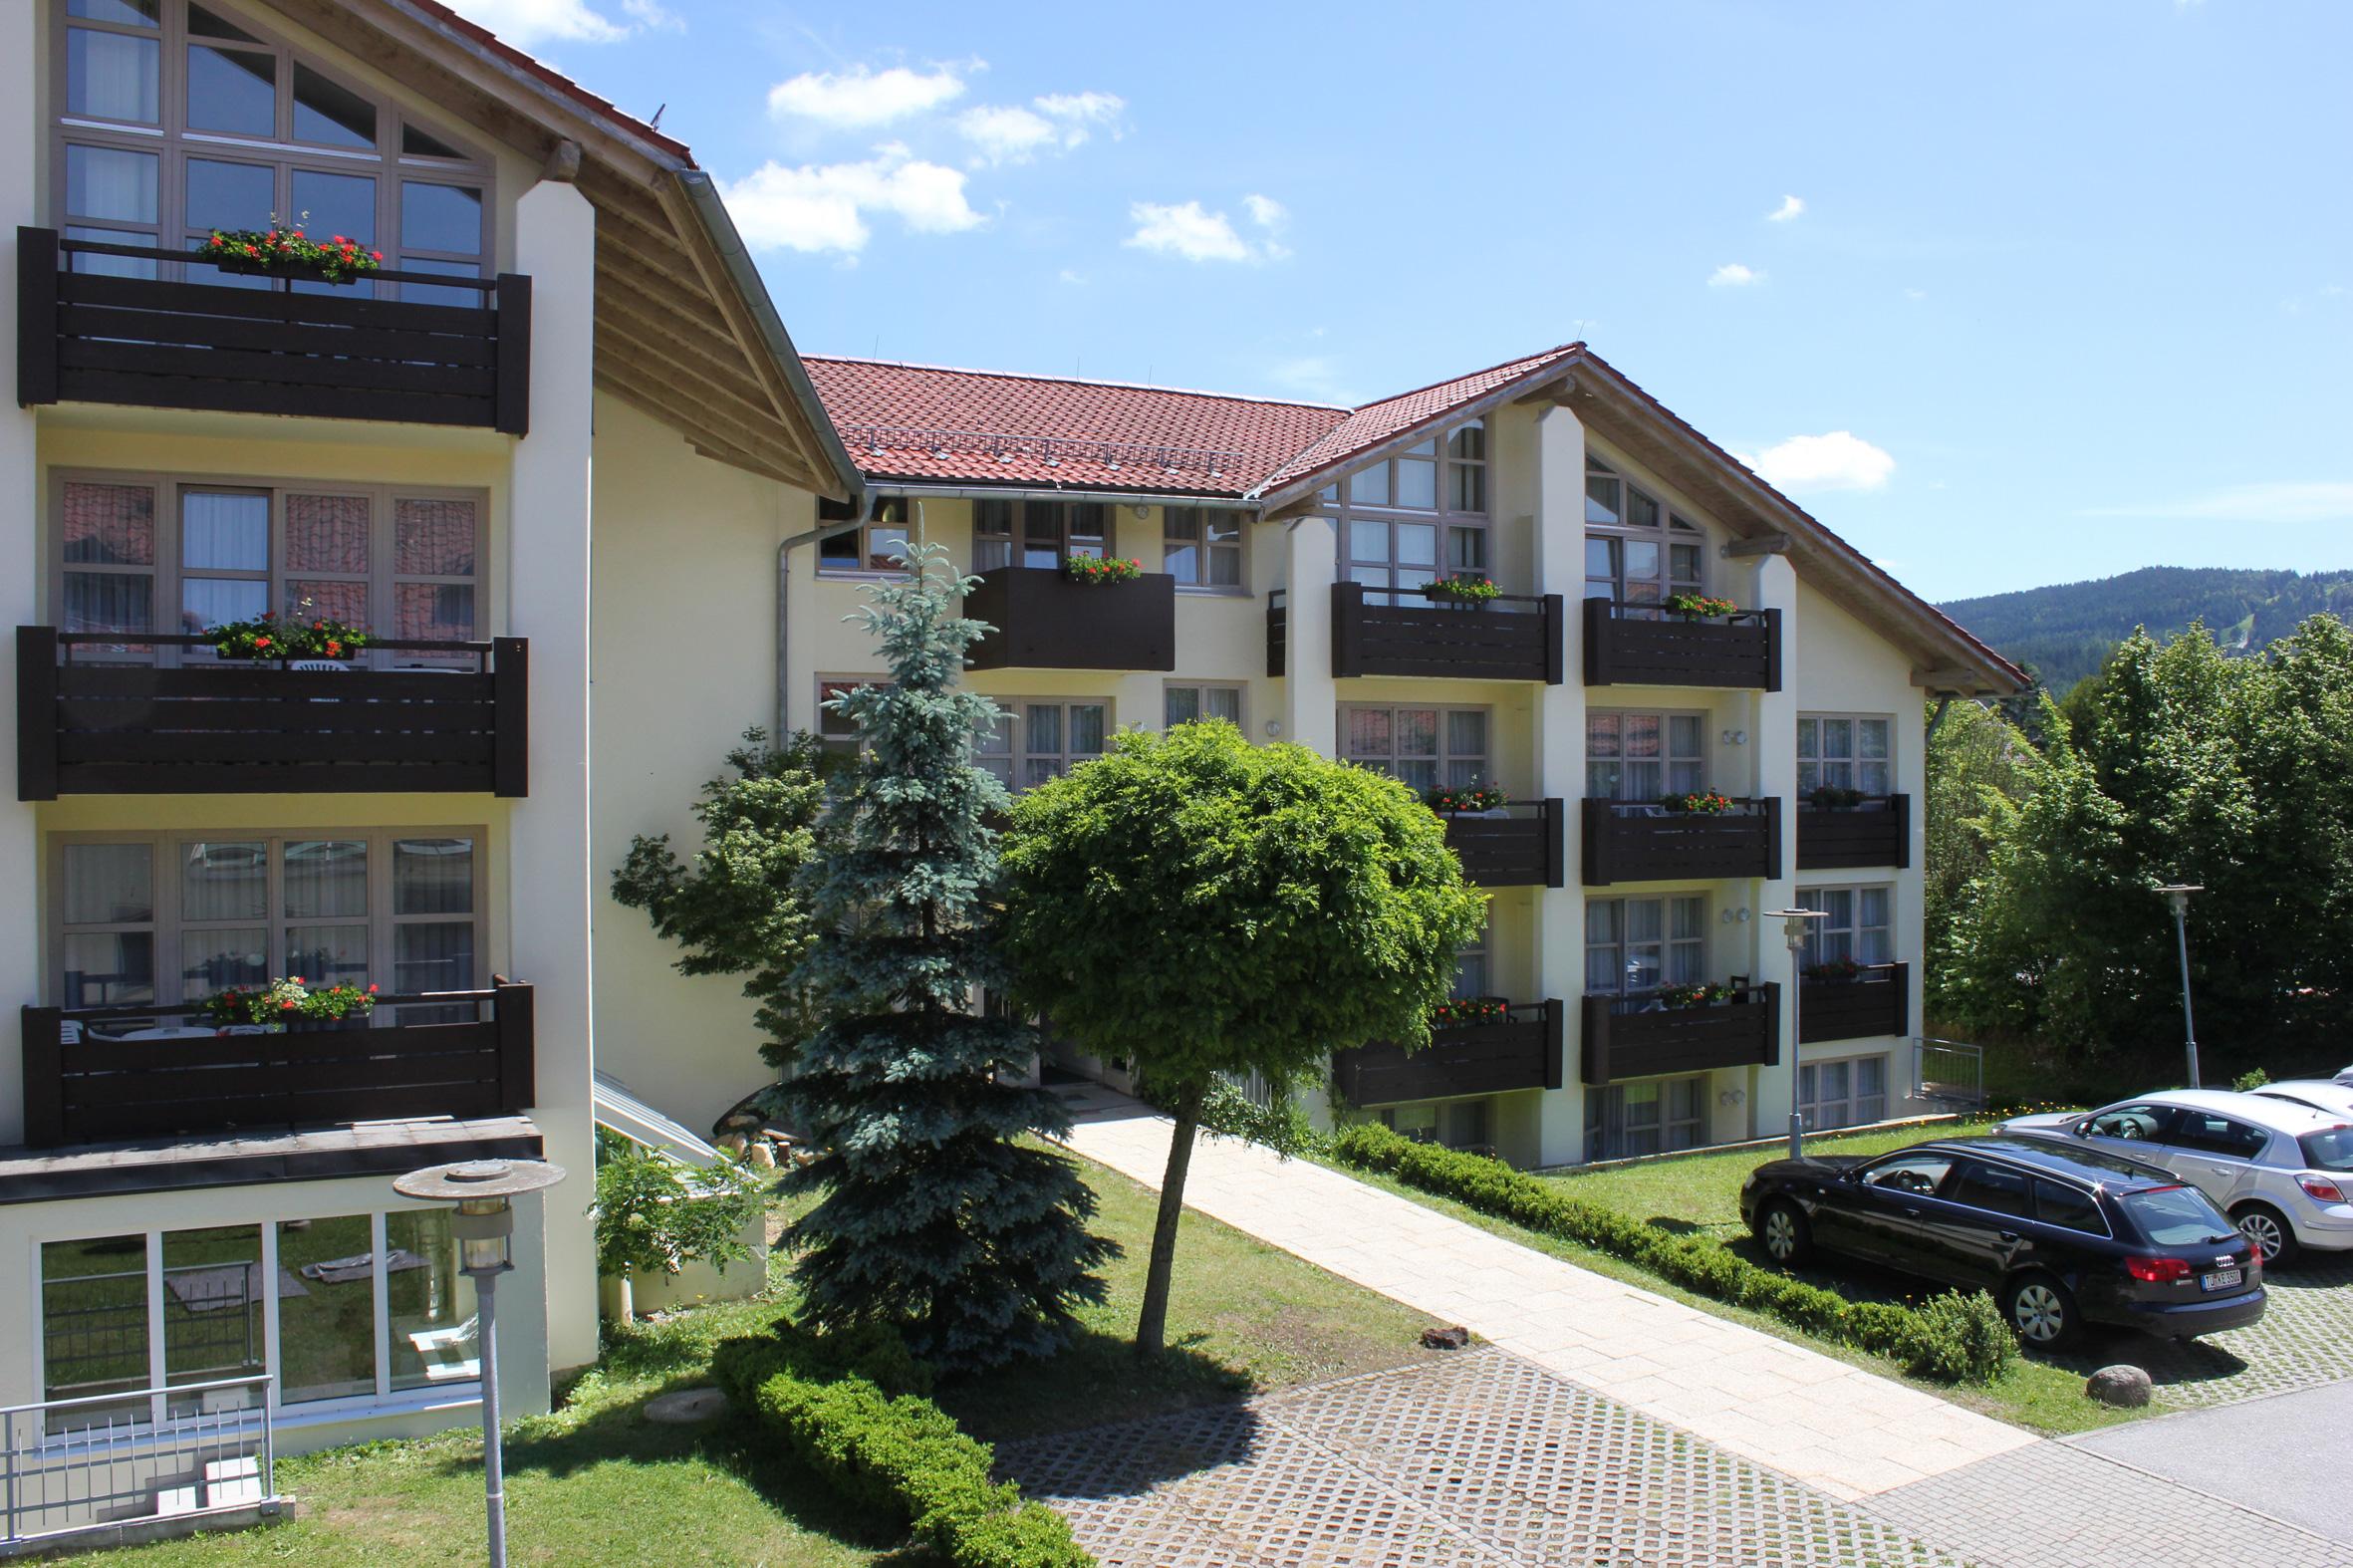 Die wunderbare Aussicht lässt Sie alle Sorgen vergessen. Quelle: Wohlfühlhotel in Bodenmais - beauty24 GmbH